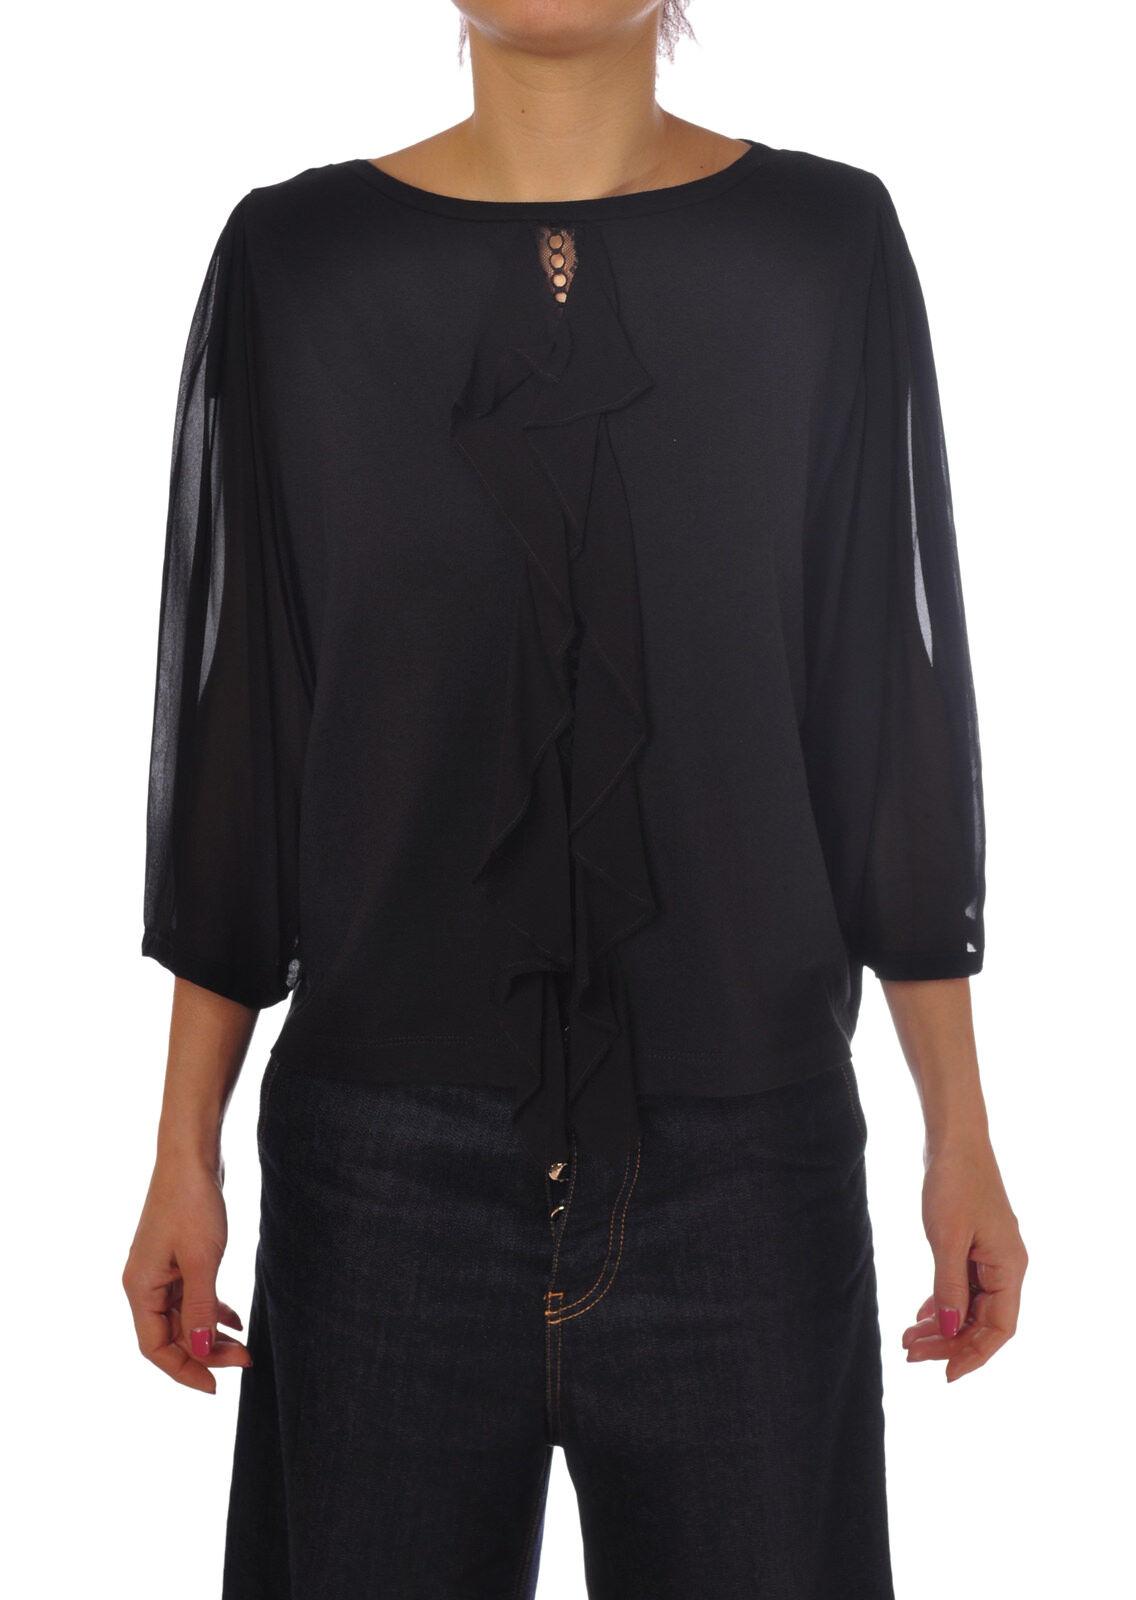 Twin Set - Shirts-Blouses - Woman - schwarz - 5107231G184354